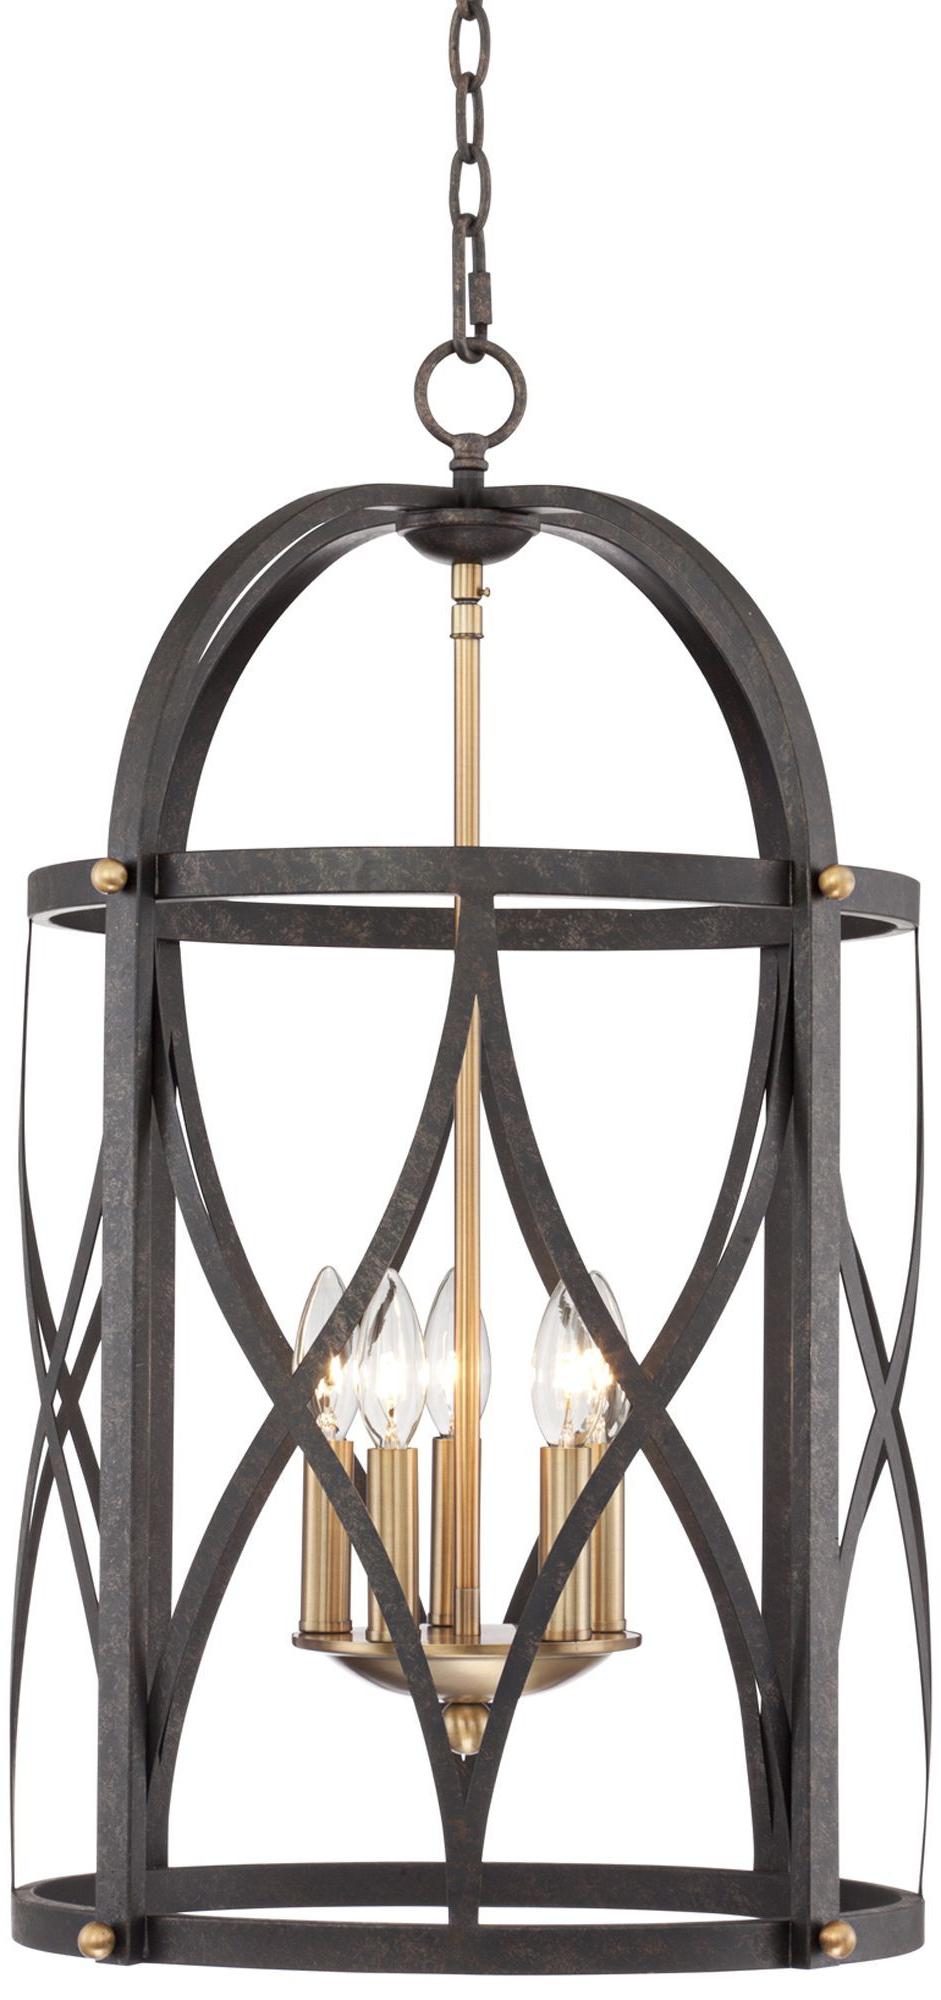 Nisbet 6 Light Lantern Geometric Pendants In Favorite Torrison 5 Light 16' Wide Dark Bronze Foyer Chandelier (View 10 of 20)